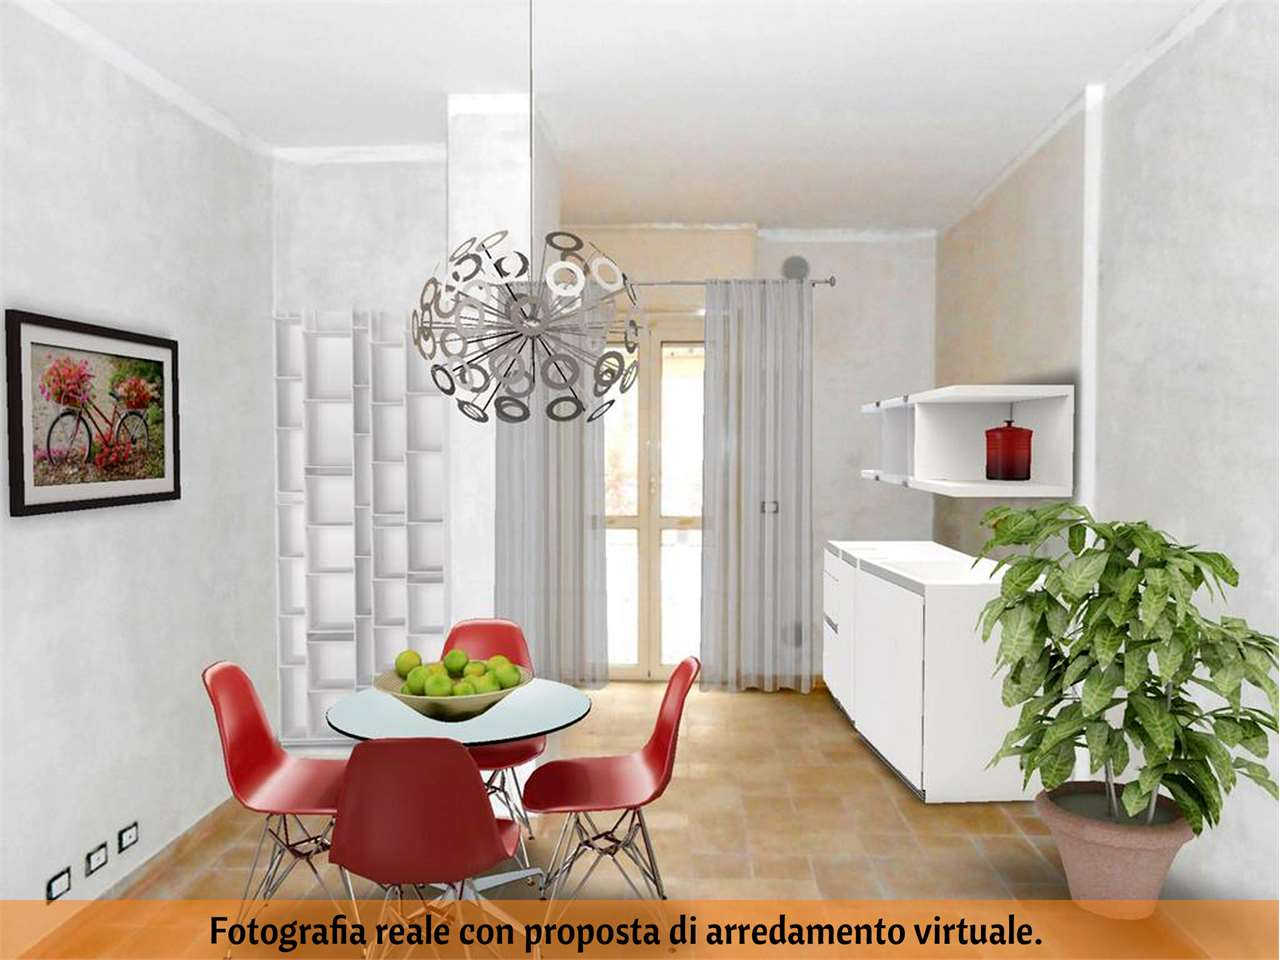 Appartamento in vendita a Moncalieri, 3 locali, zona Zona: San Pietro, prezzo € 260.000 | Cambio Casa.it